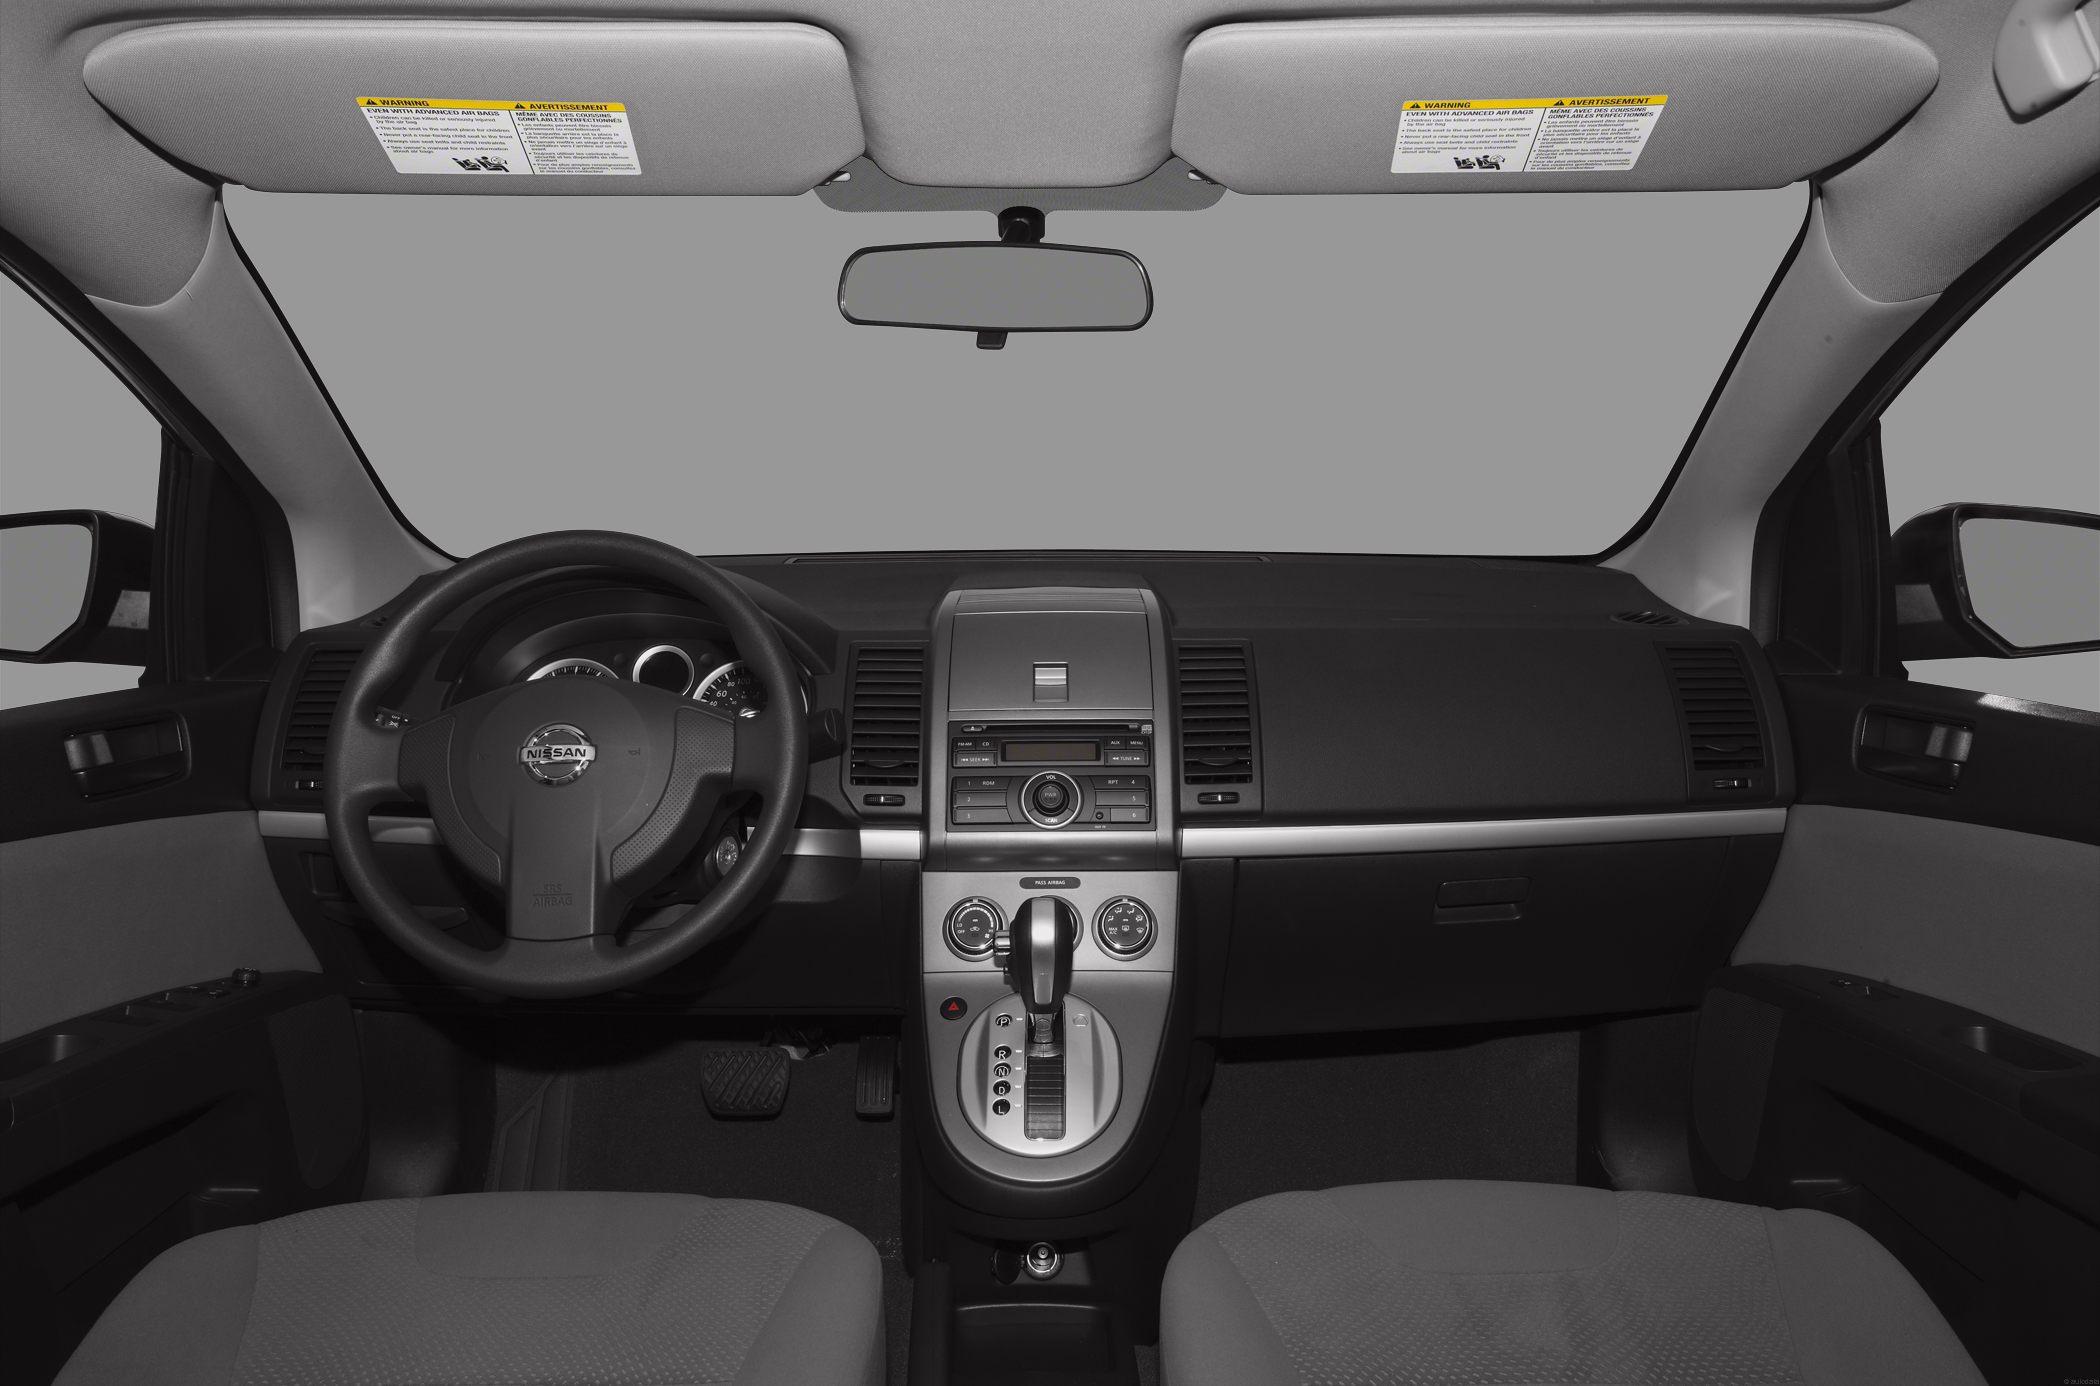 2012 Nissan Sentra #21 Nissan Sentra #21